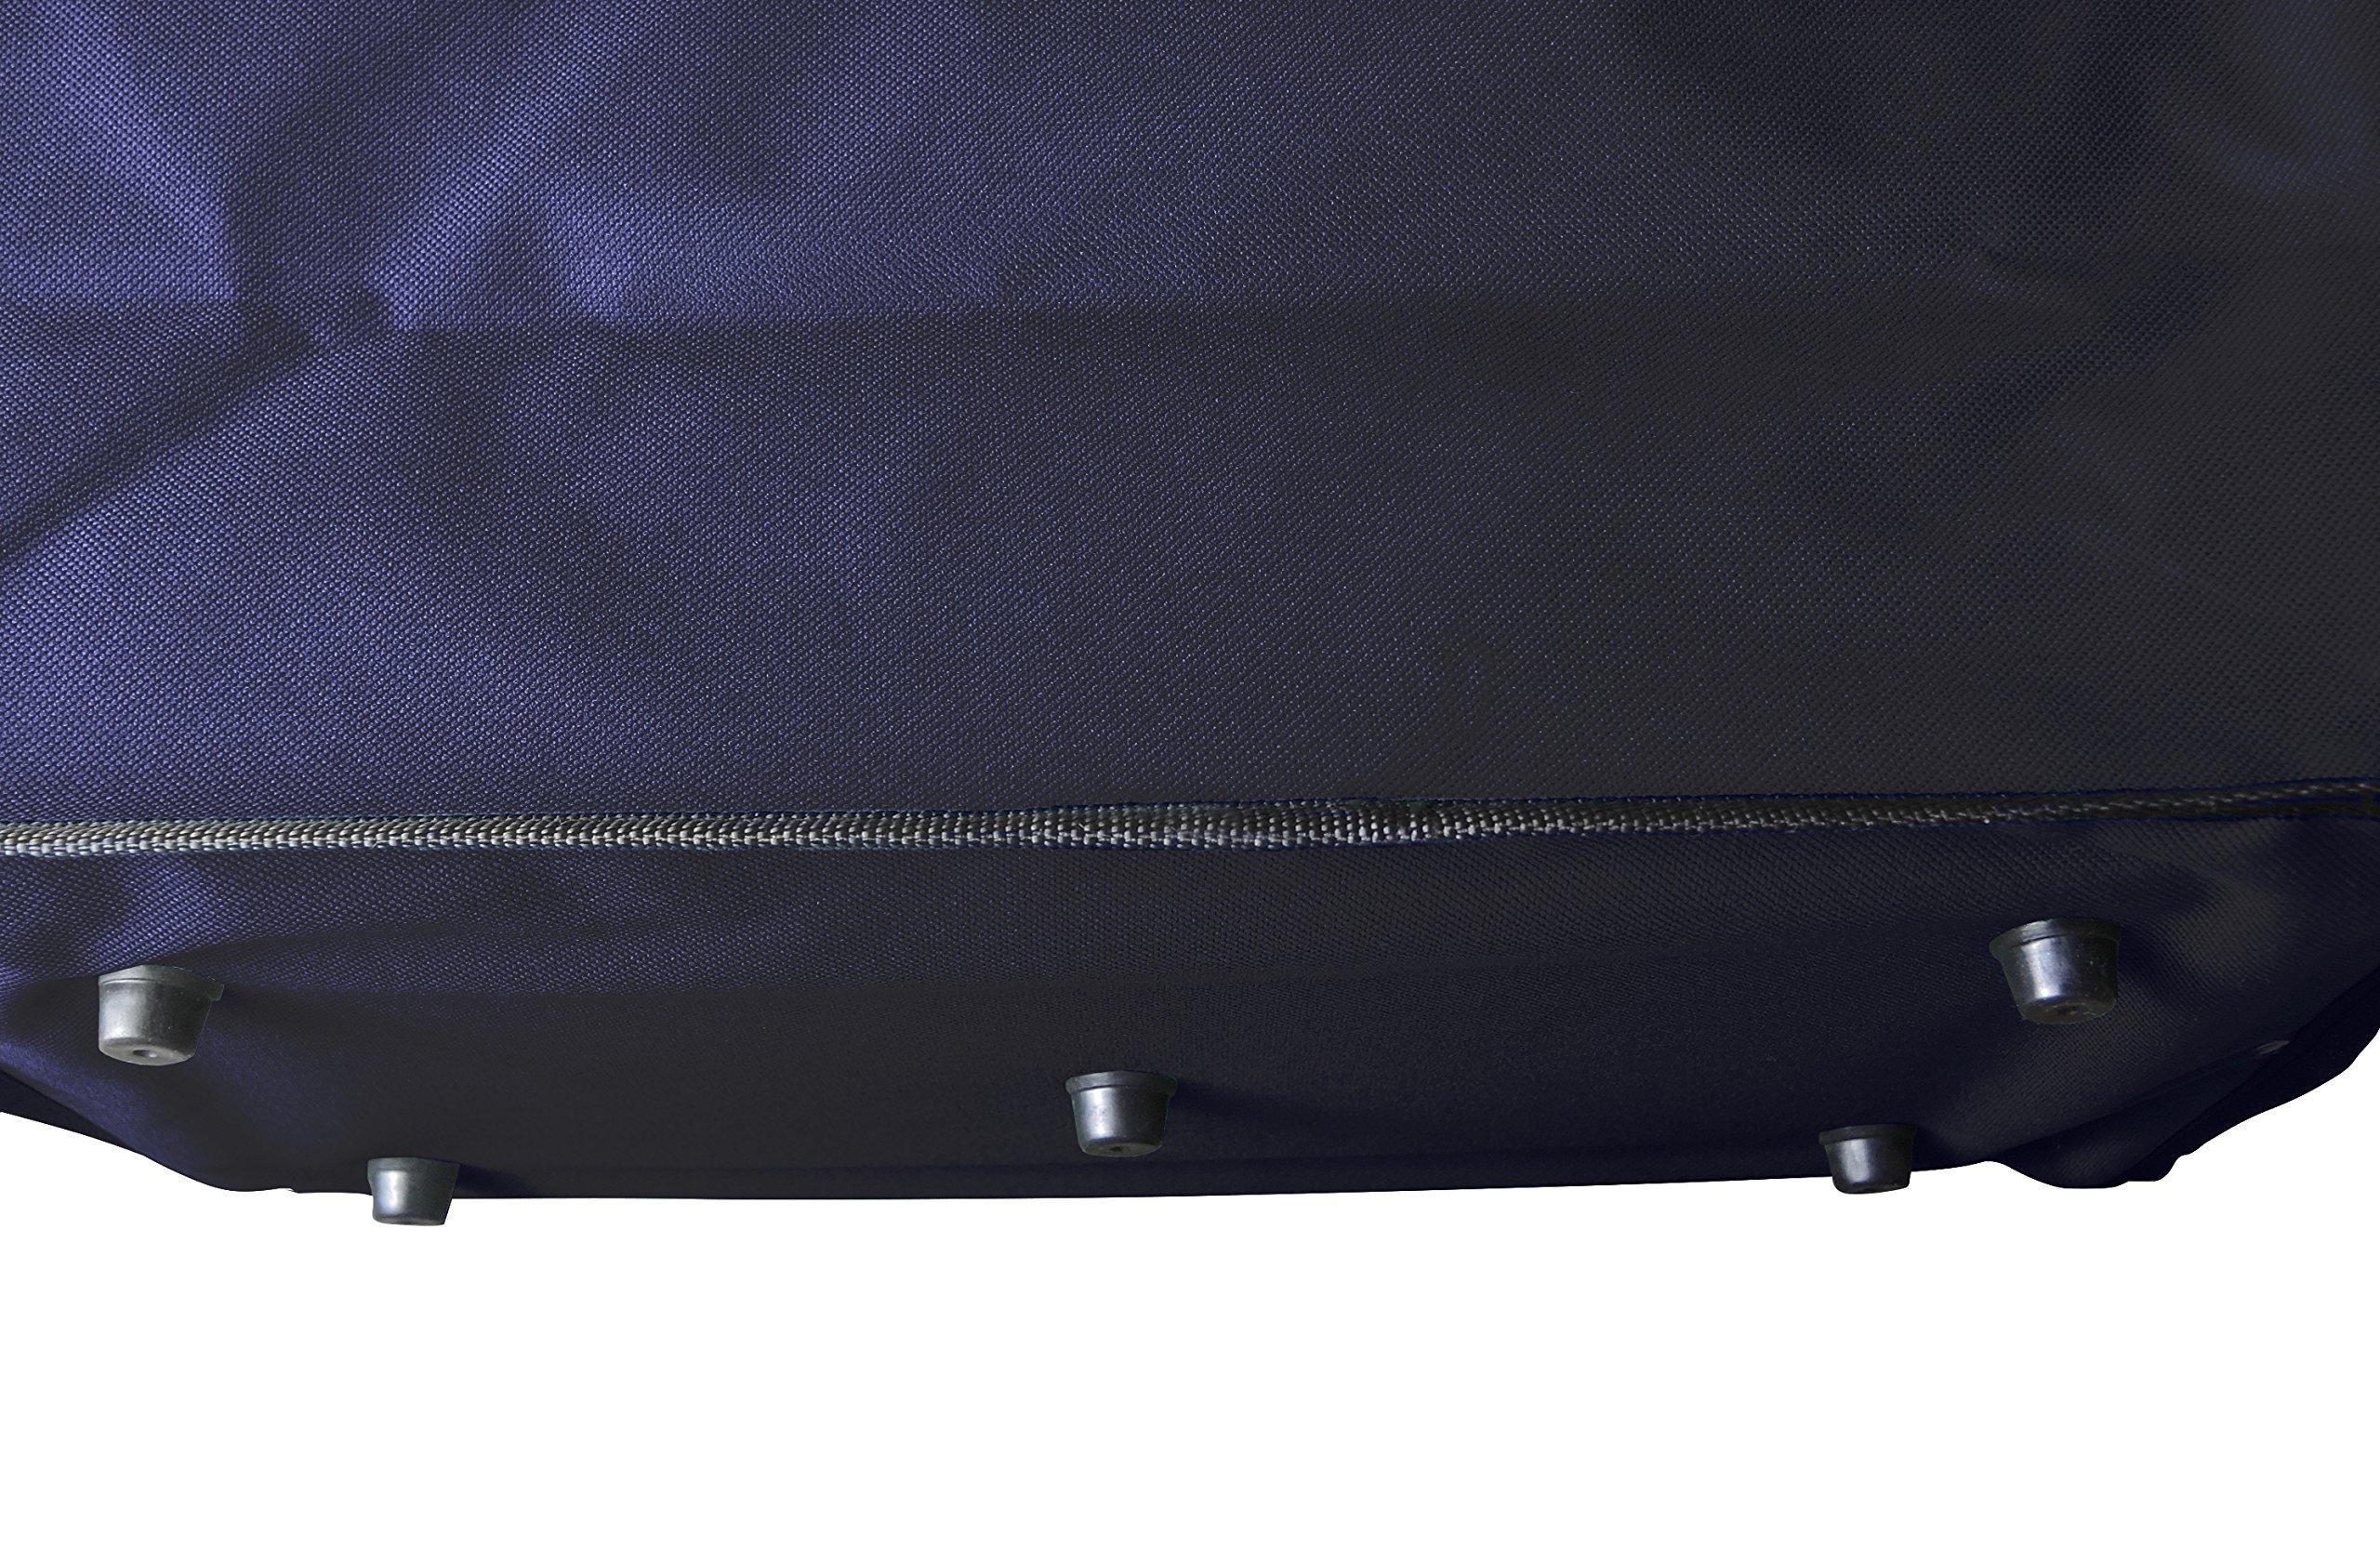 Faltbarer, praktischer Carrybag mit Deckel, Bezug aus hochwertigem, wasserabweisendem Polyestergewebe My Basket to GO kompakt, zusammenfaltbarer Shopper mit weich ummantelten Griffen DUNKELBLAU